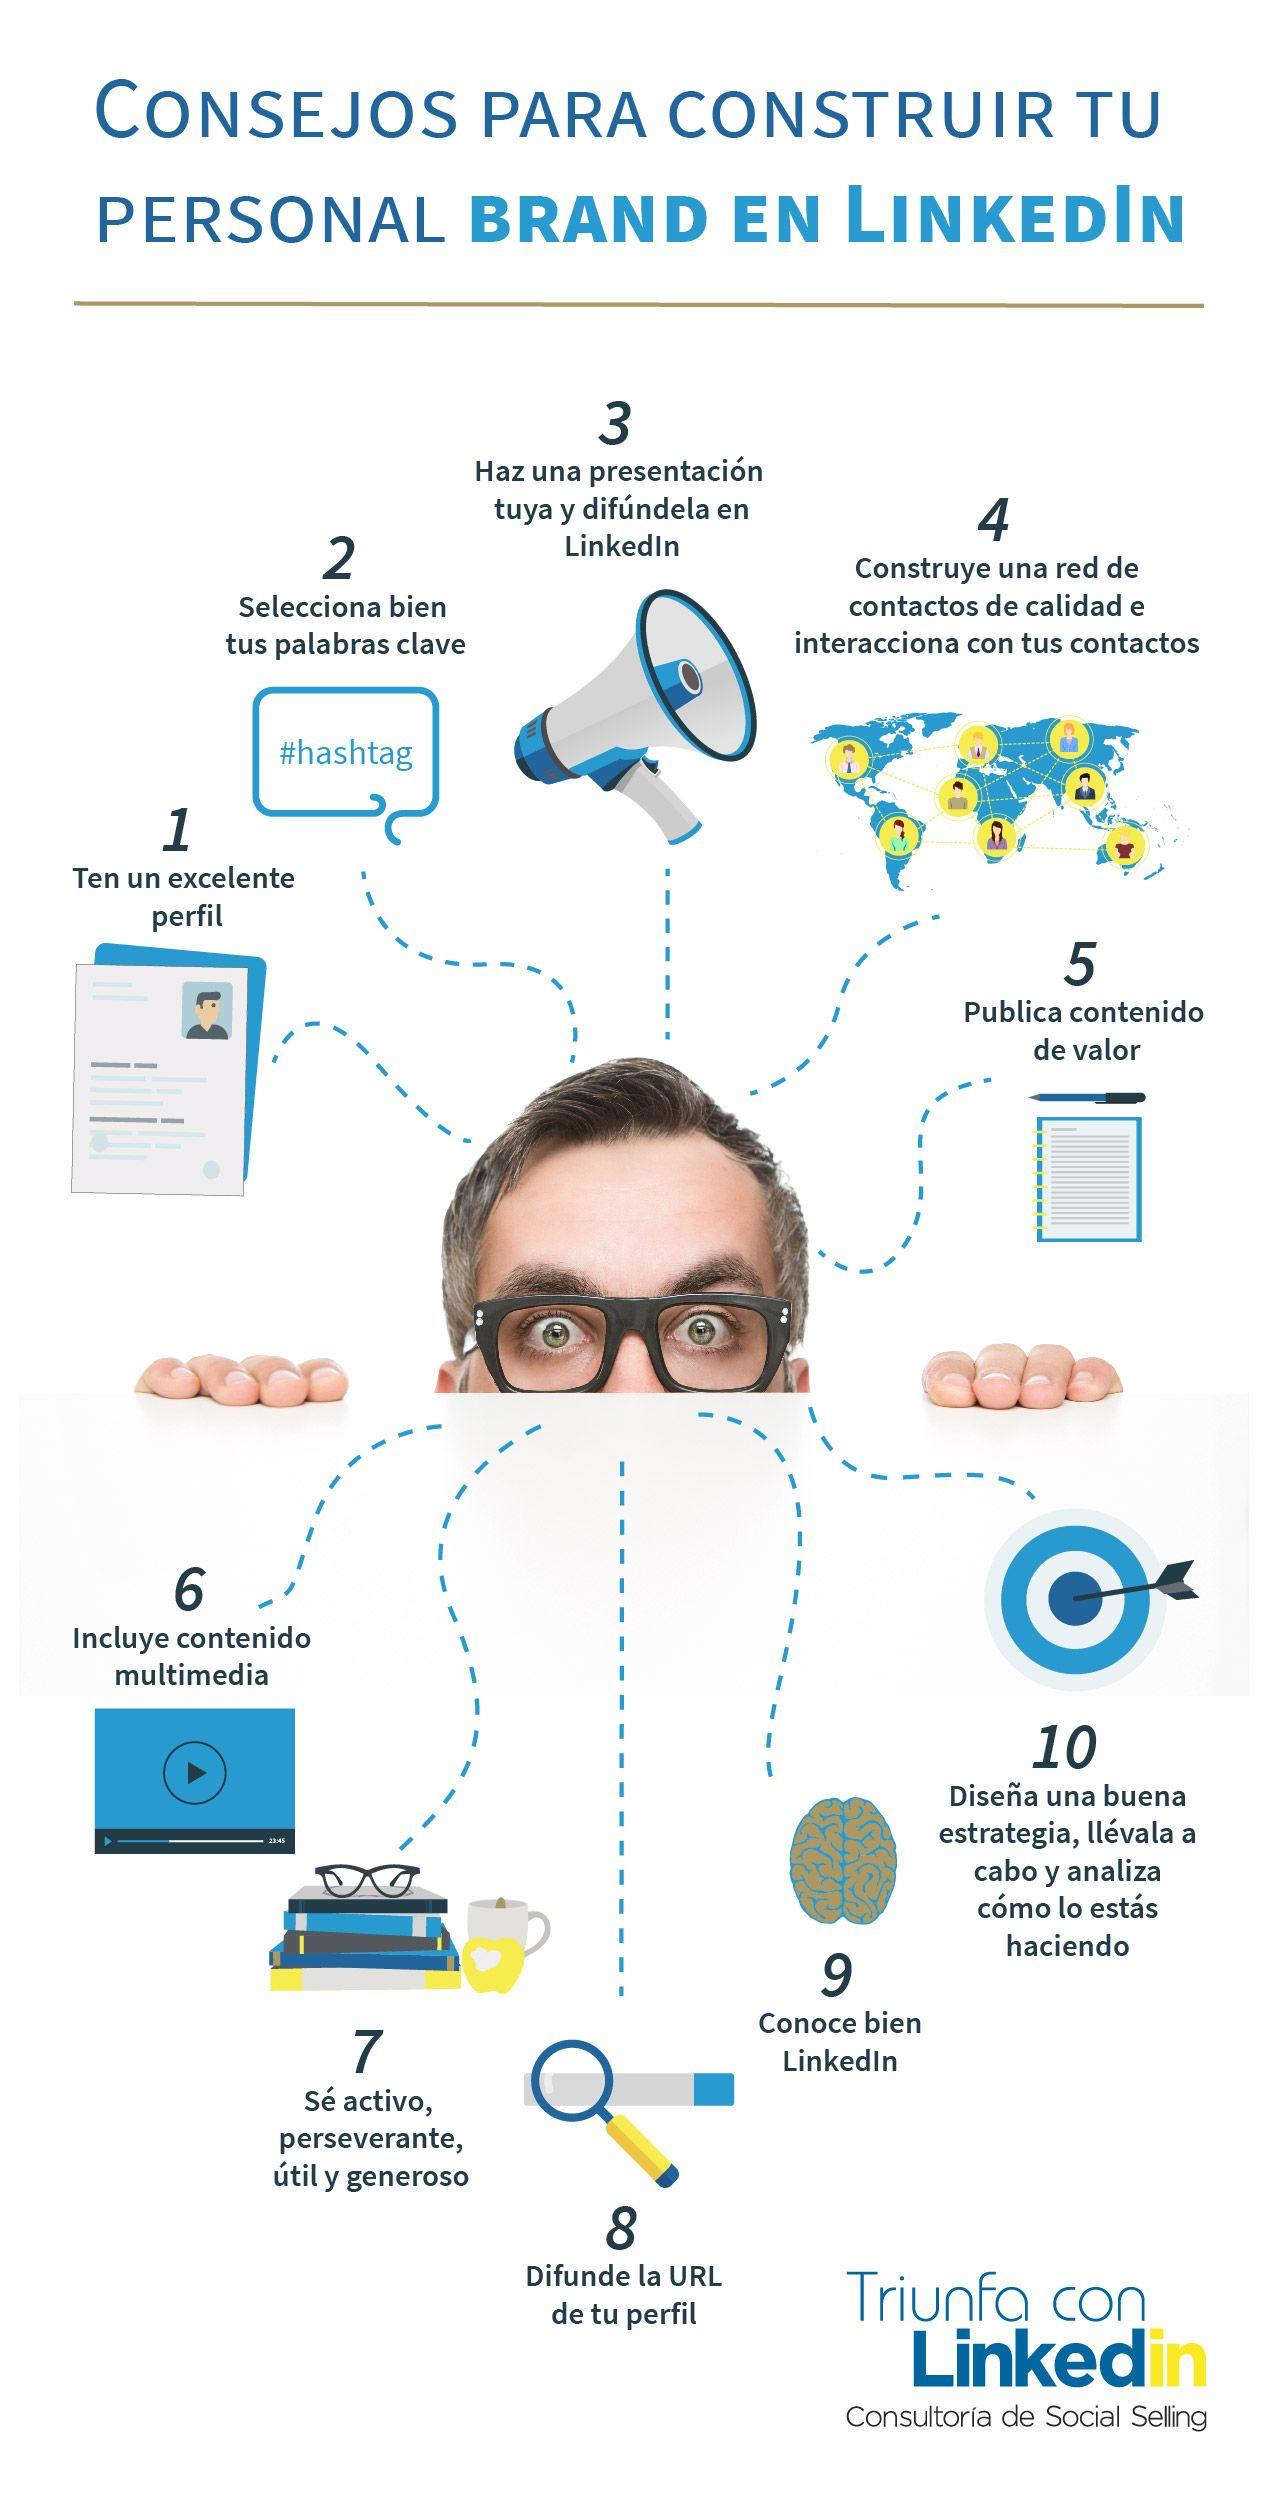 Consejos para construir tu personal brand en LinkedIn - Infografía